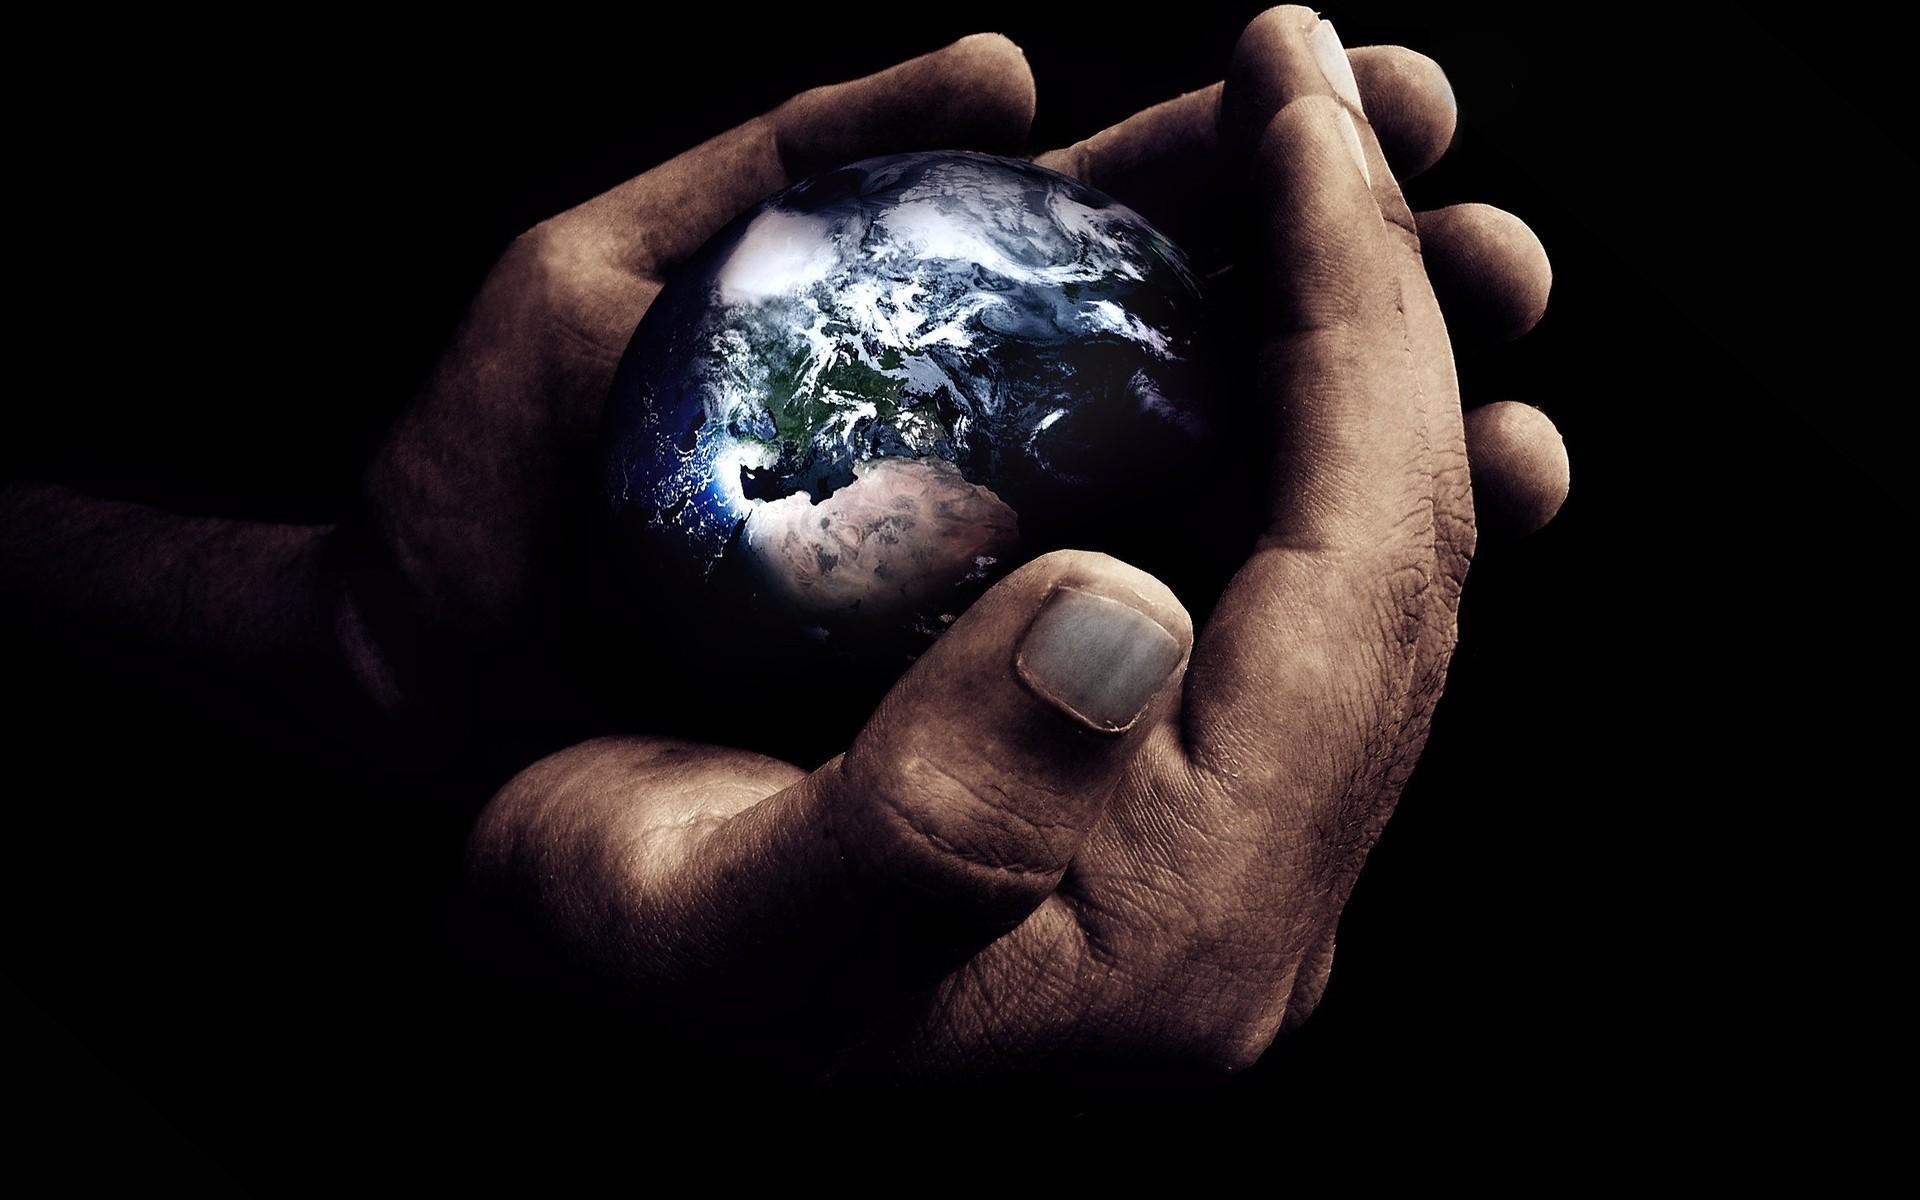 фото шар земли в руках мужчины том, как хитрая